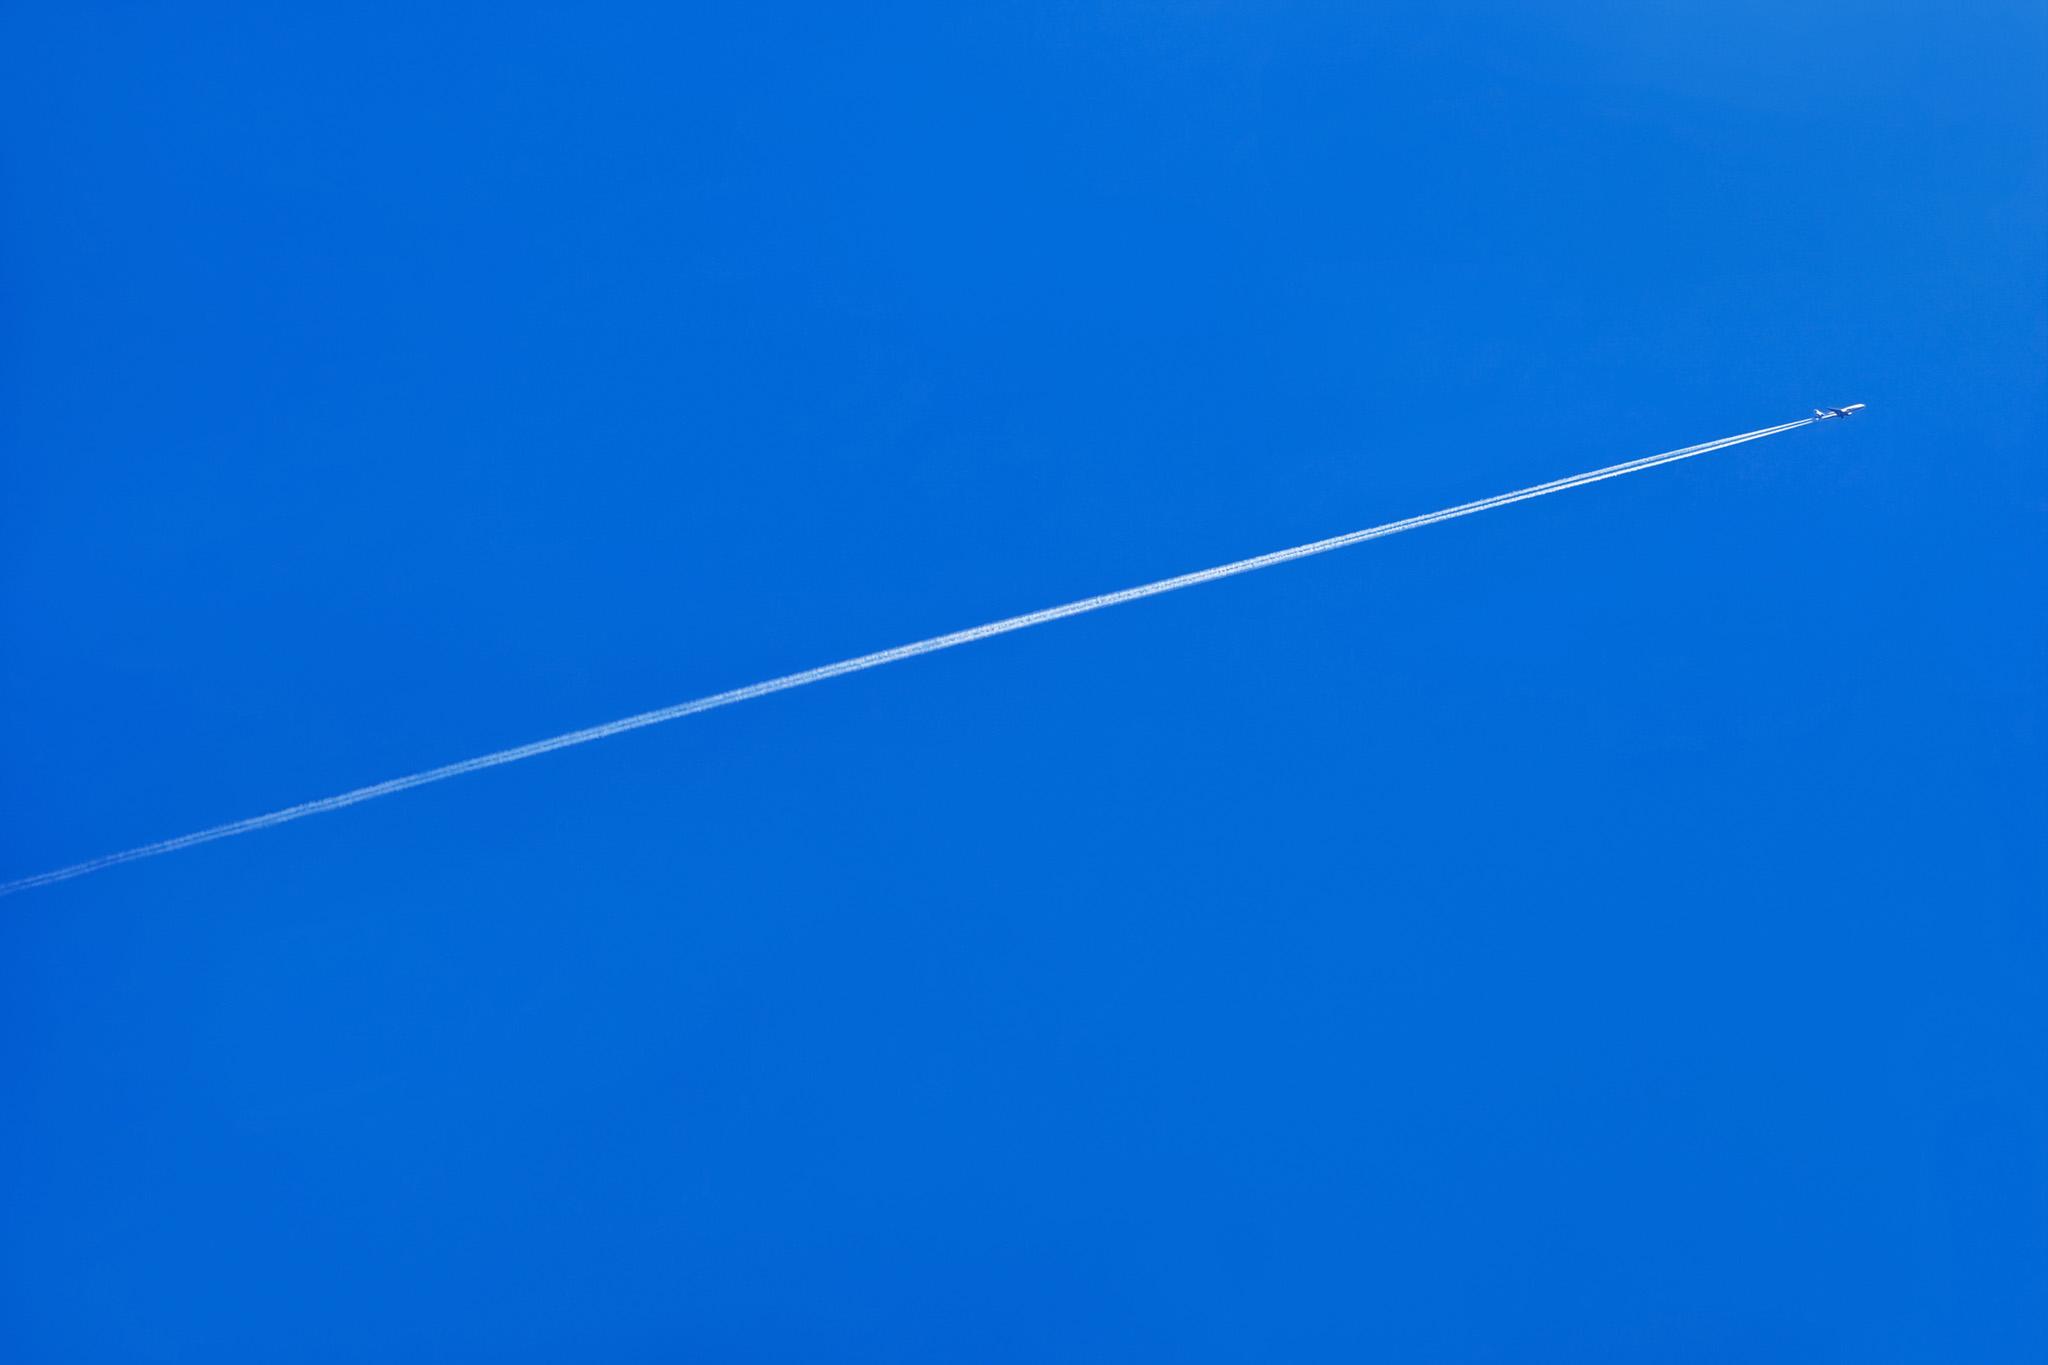 「青空に一直線を描く飛行機雲」